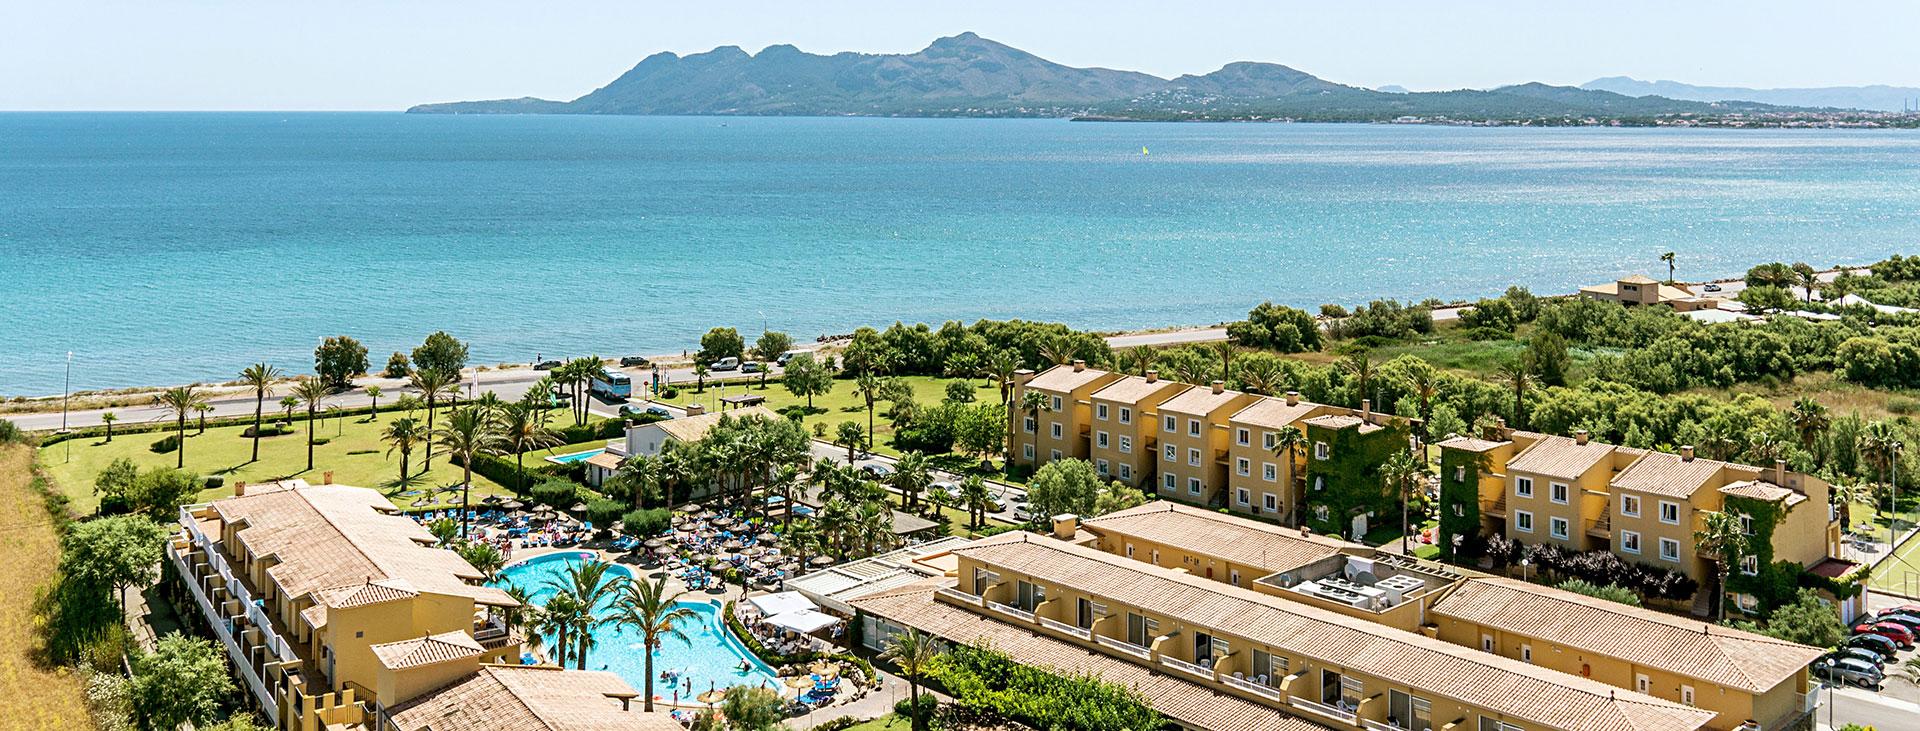 Club del Sol Resort & Spa, Puerto Pollensa, Mallorca, Spanien